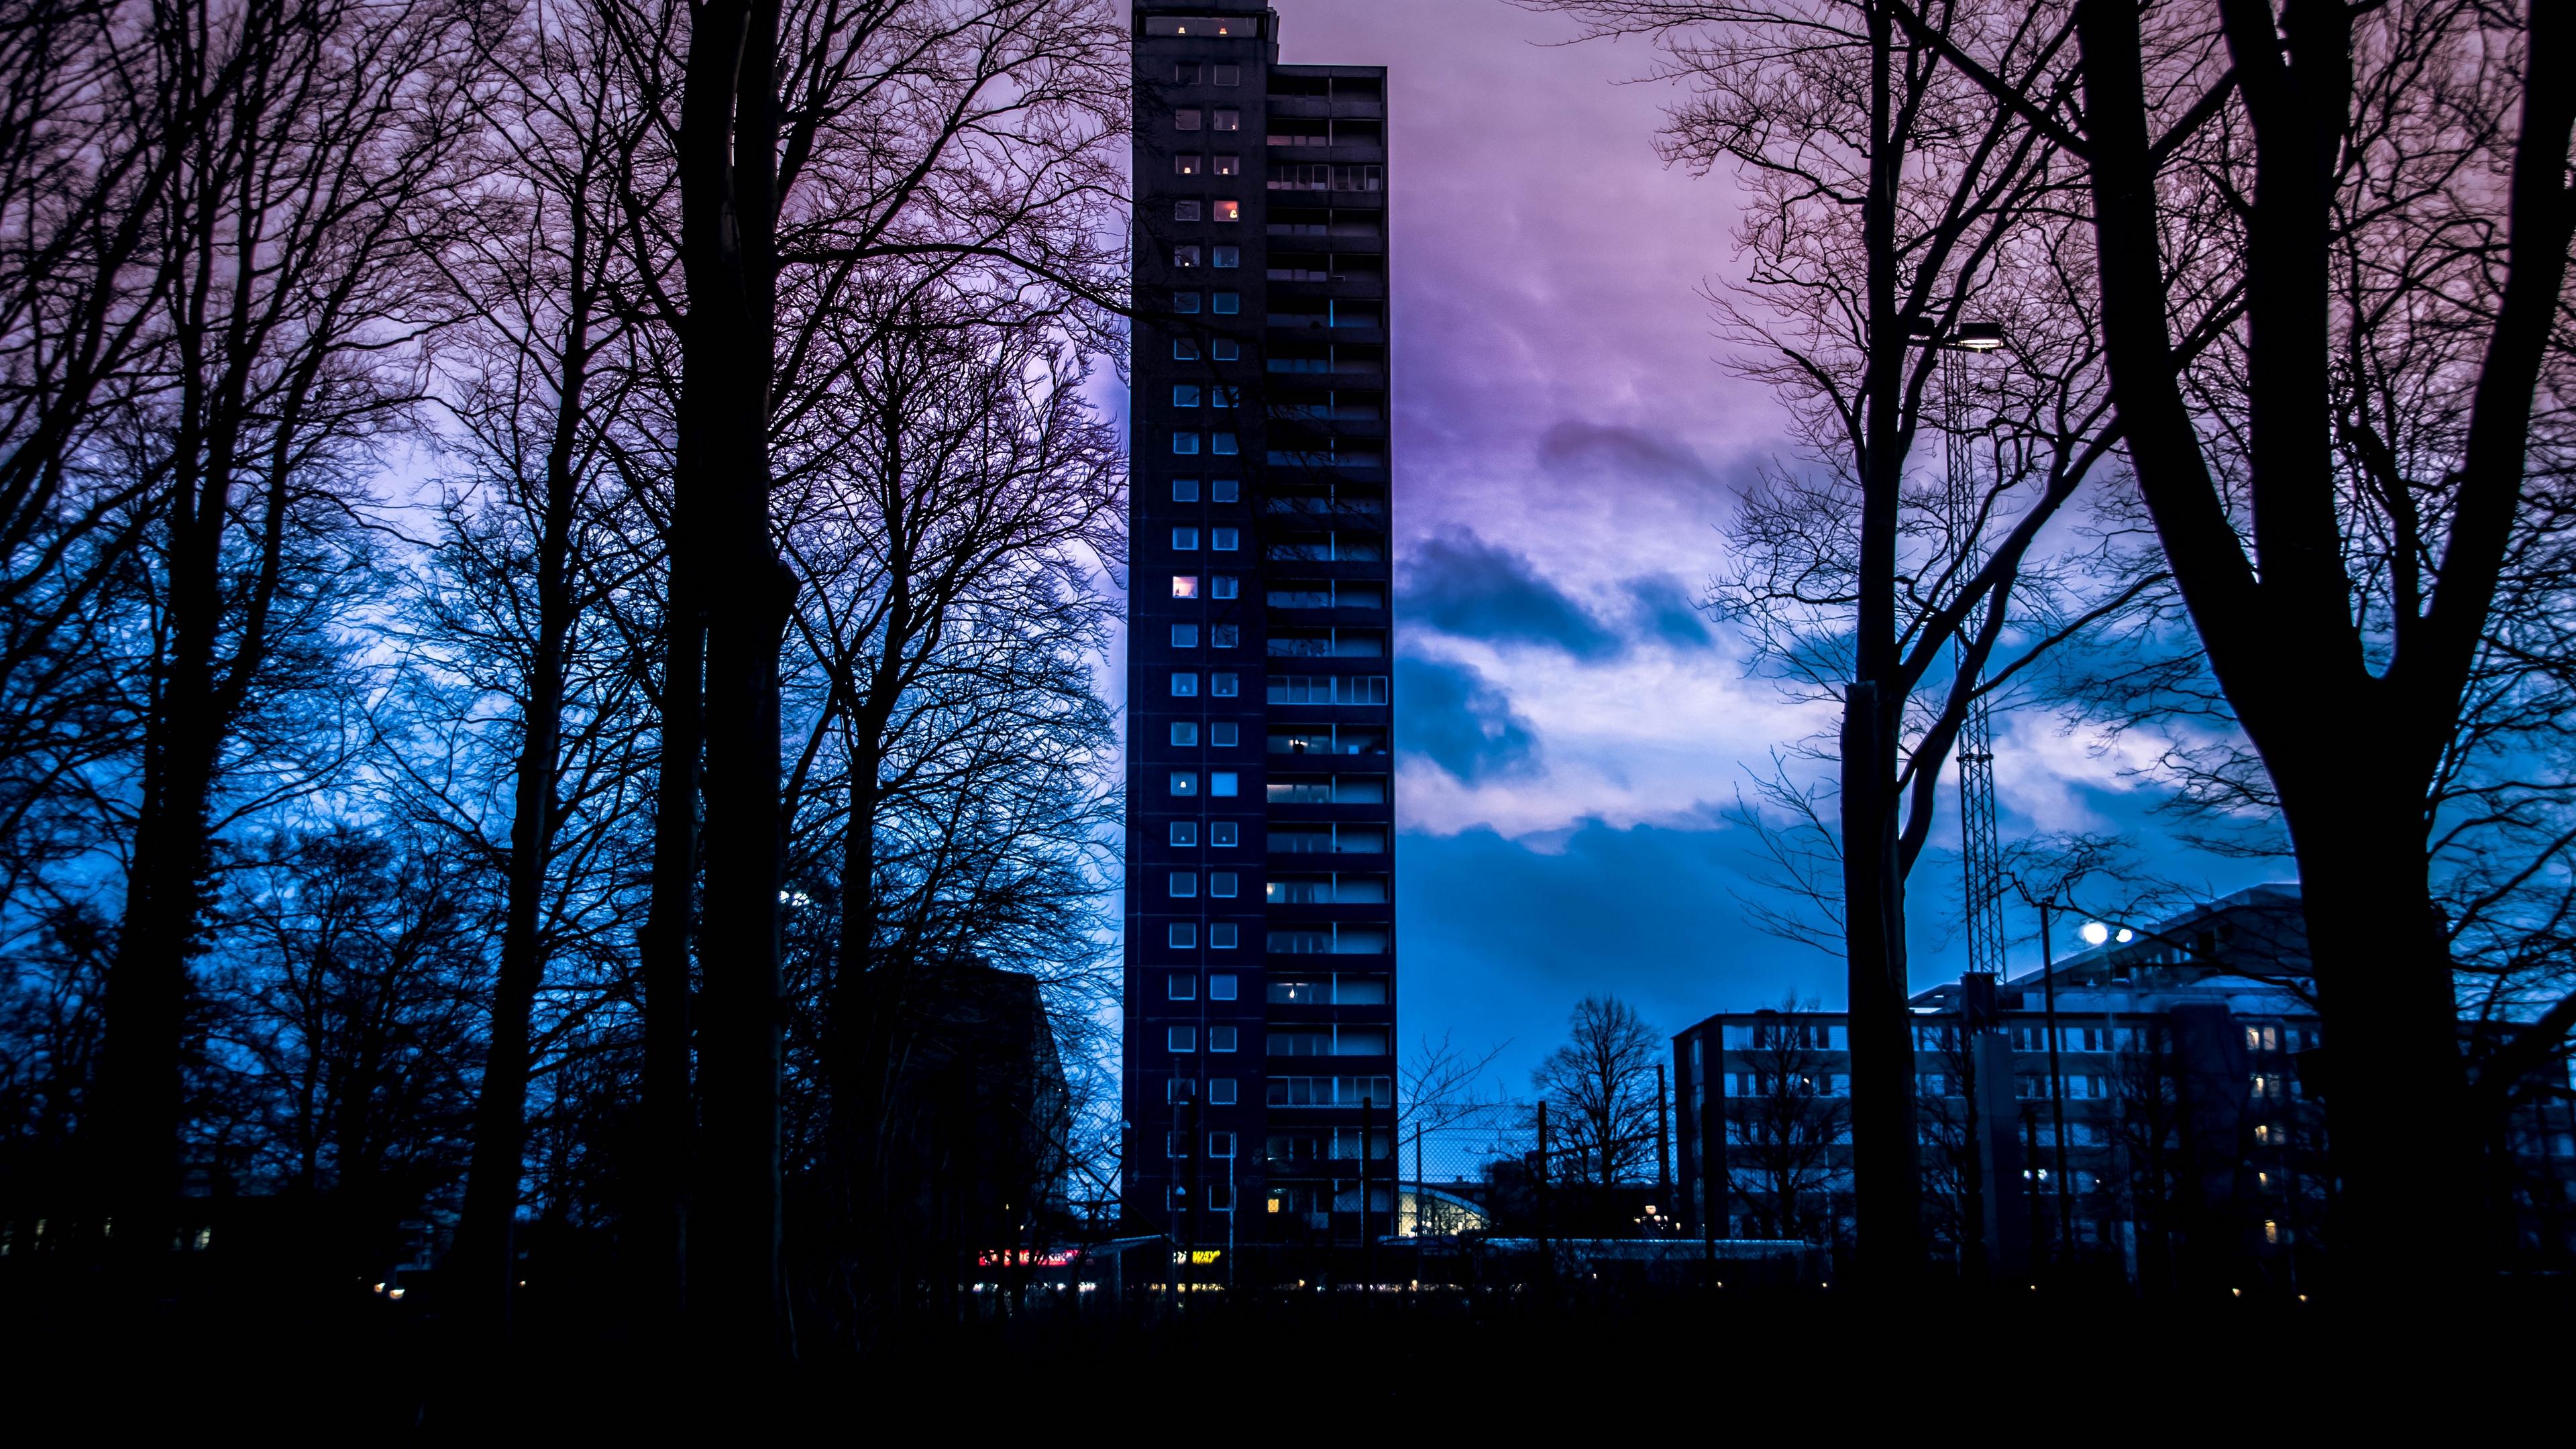 building sunset sweden clouds 4k 1538065526 - building, sunset, sweden, clouds 4k - sweden, sunset, Building